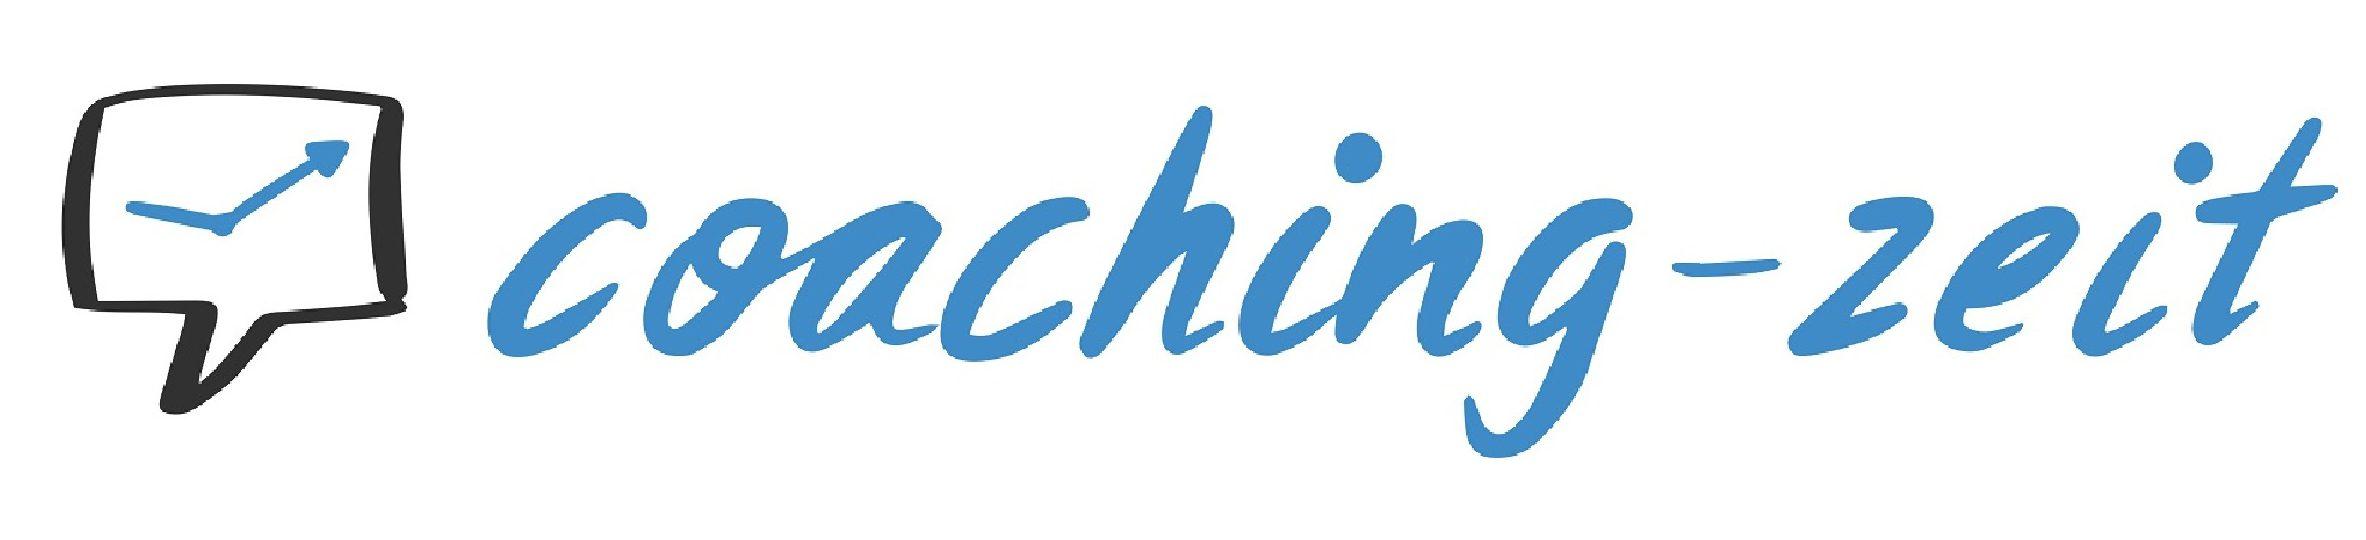 Martin Noack | Potentiale entfalten mit authentischem Coaching